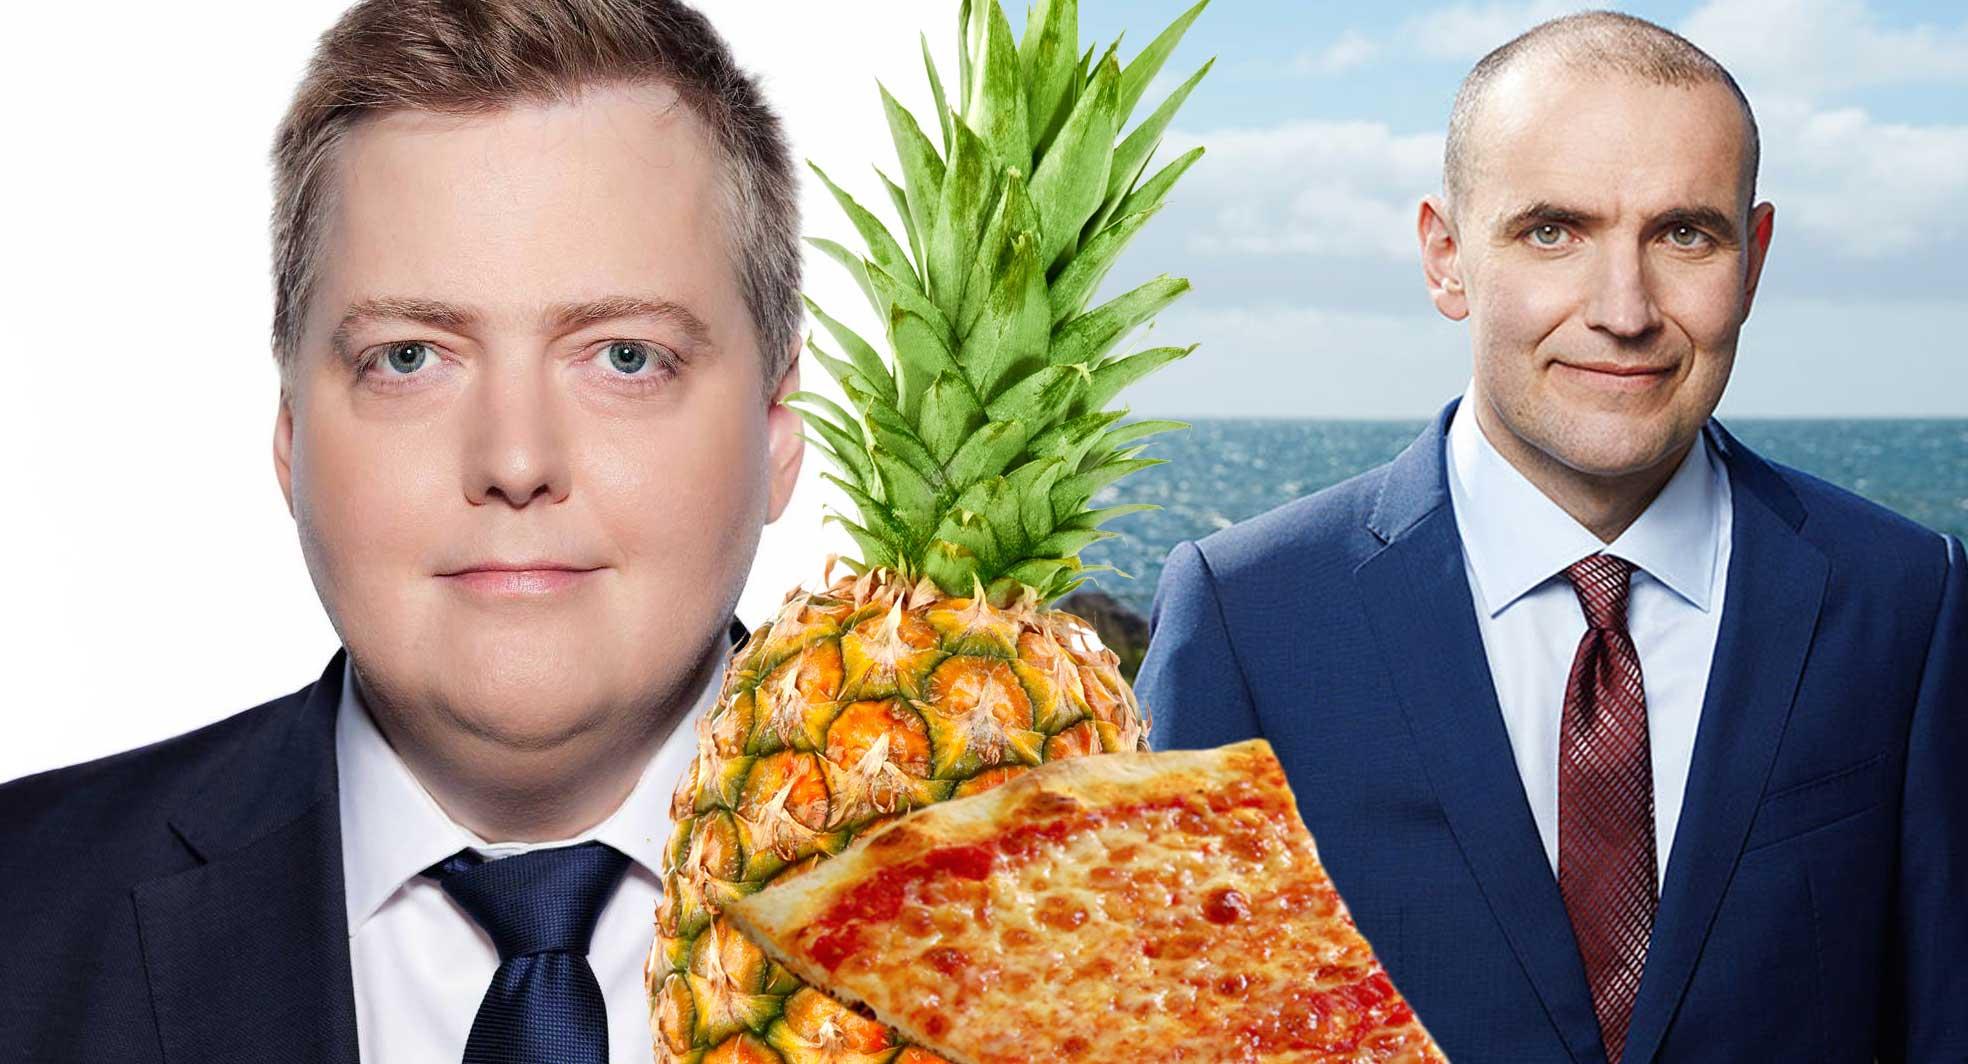 Sigmundur tekur upp hanskann fyrir Guðna: Skiljanlegt að forsetinn vilji banna ananas á pizzur